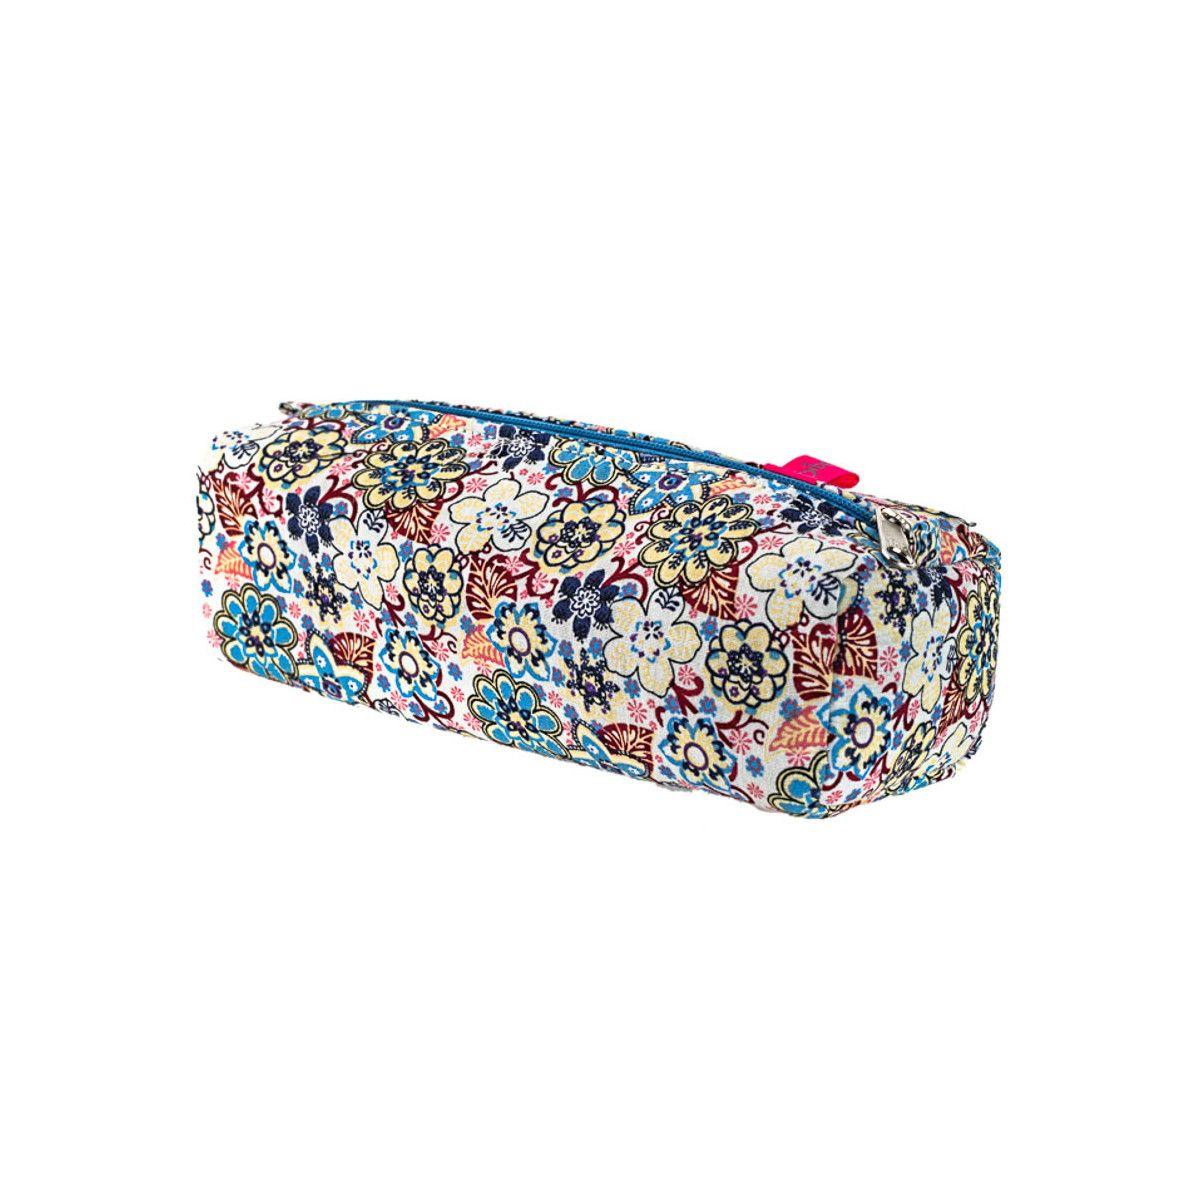 Trousse plumier coton original bleu et rose clair à fleurs